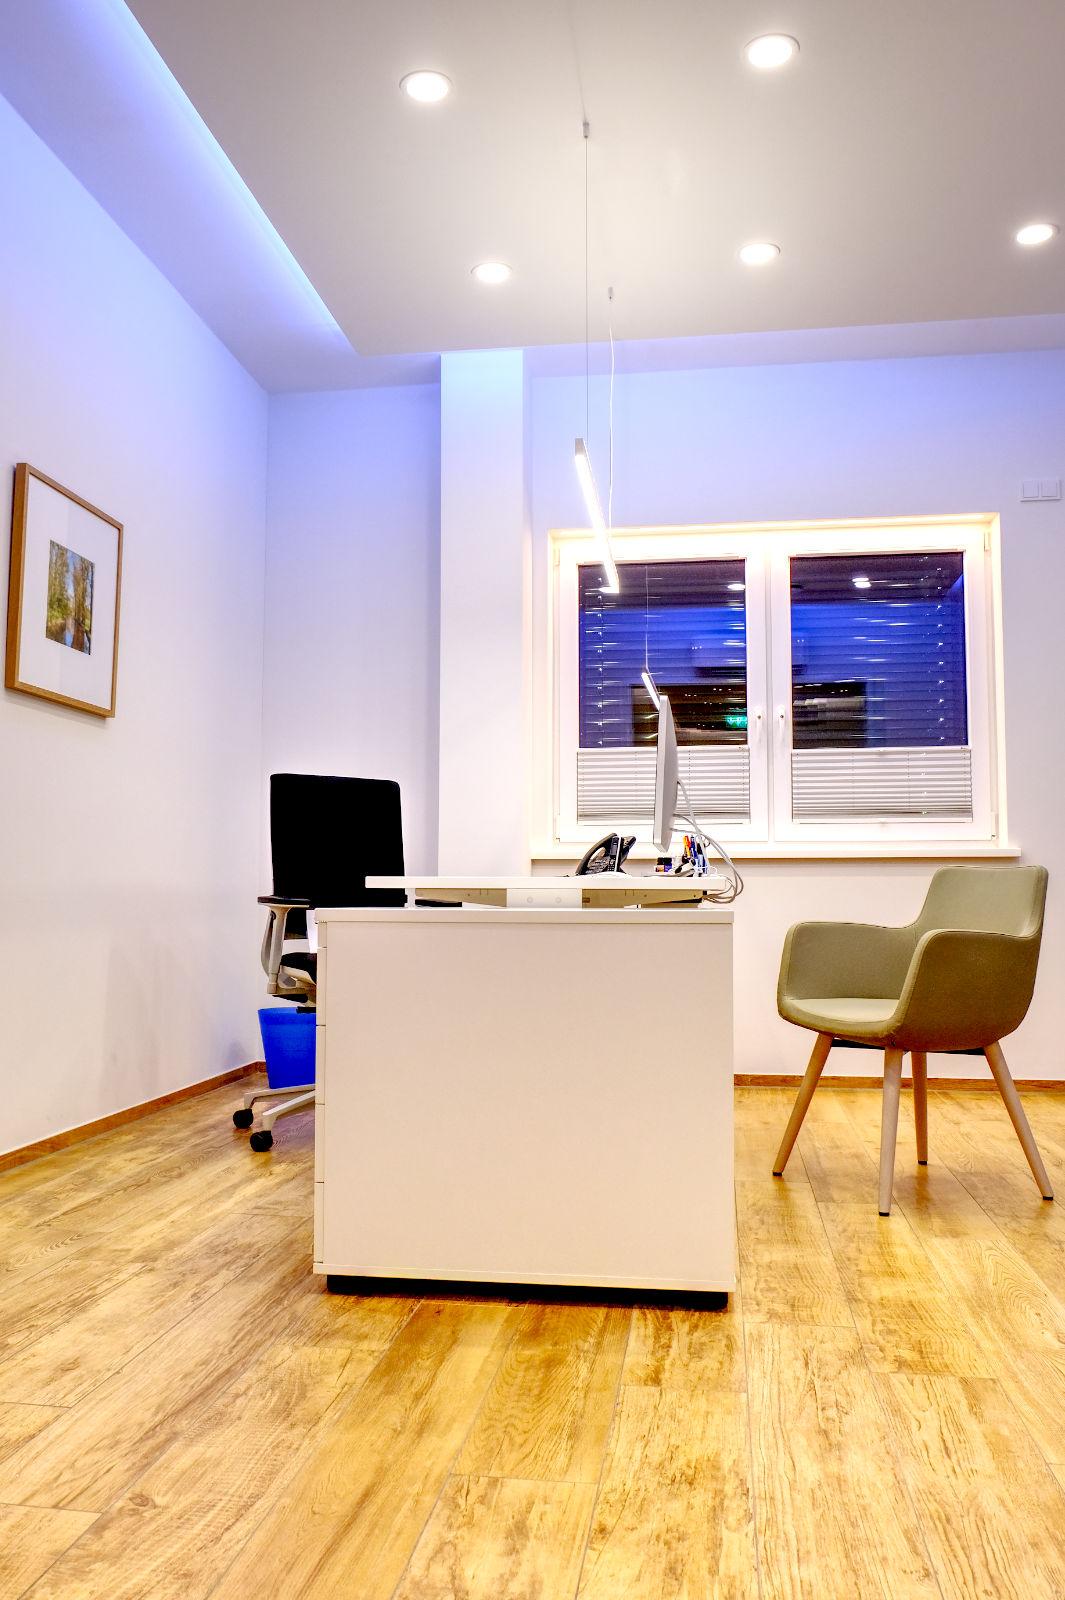 Büro mit LED Hängeleuchte und Rigips Decke und LED Stripes